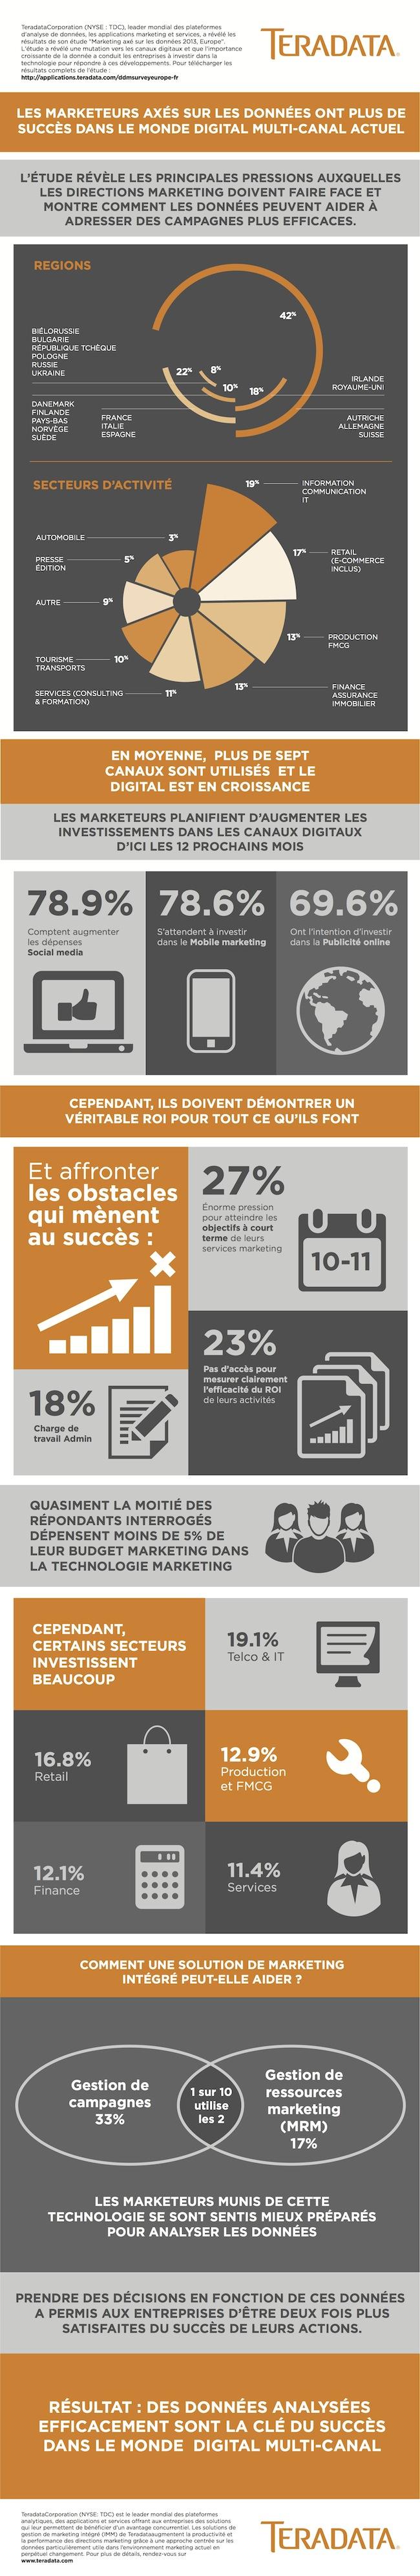 Teradata Infographic-FR - copie